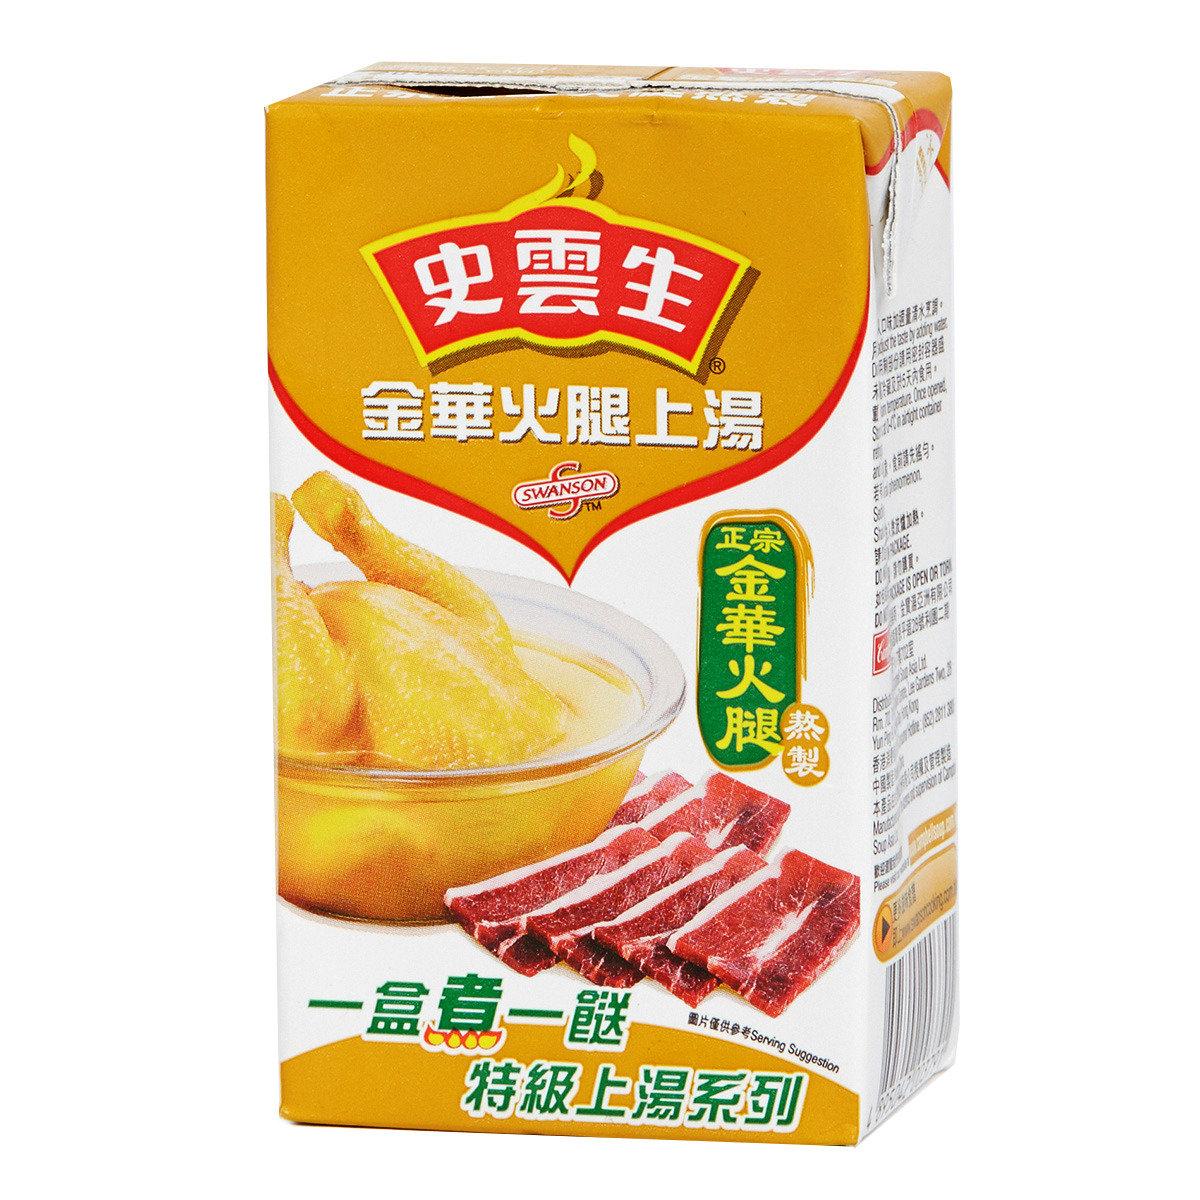 金華火腿上湯